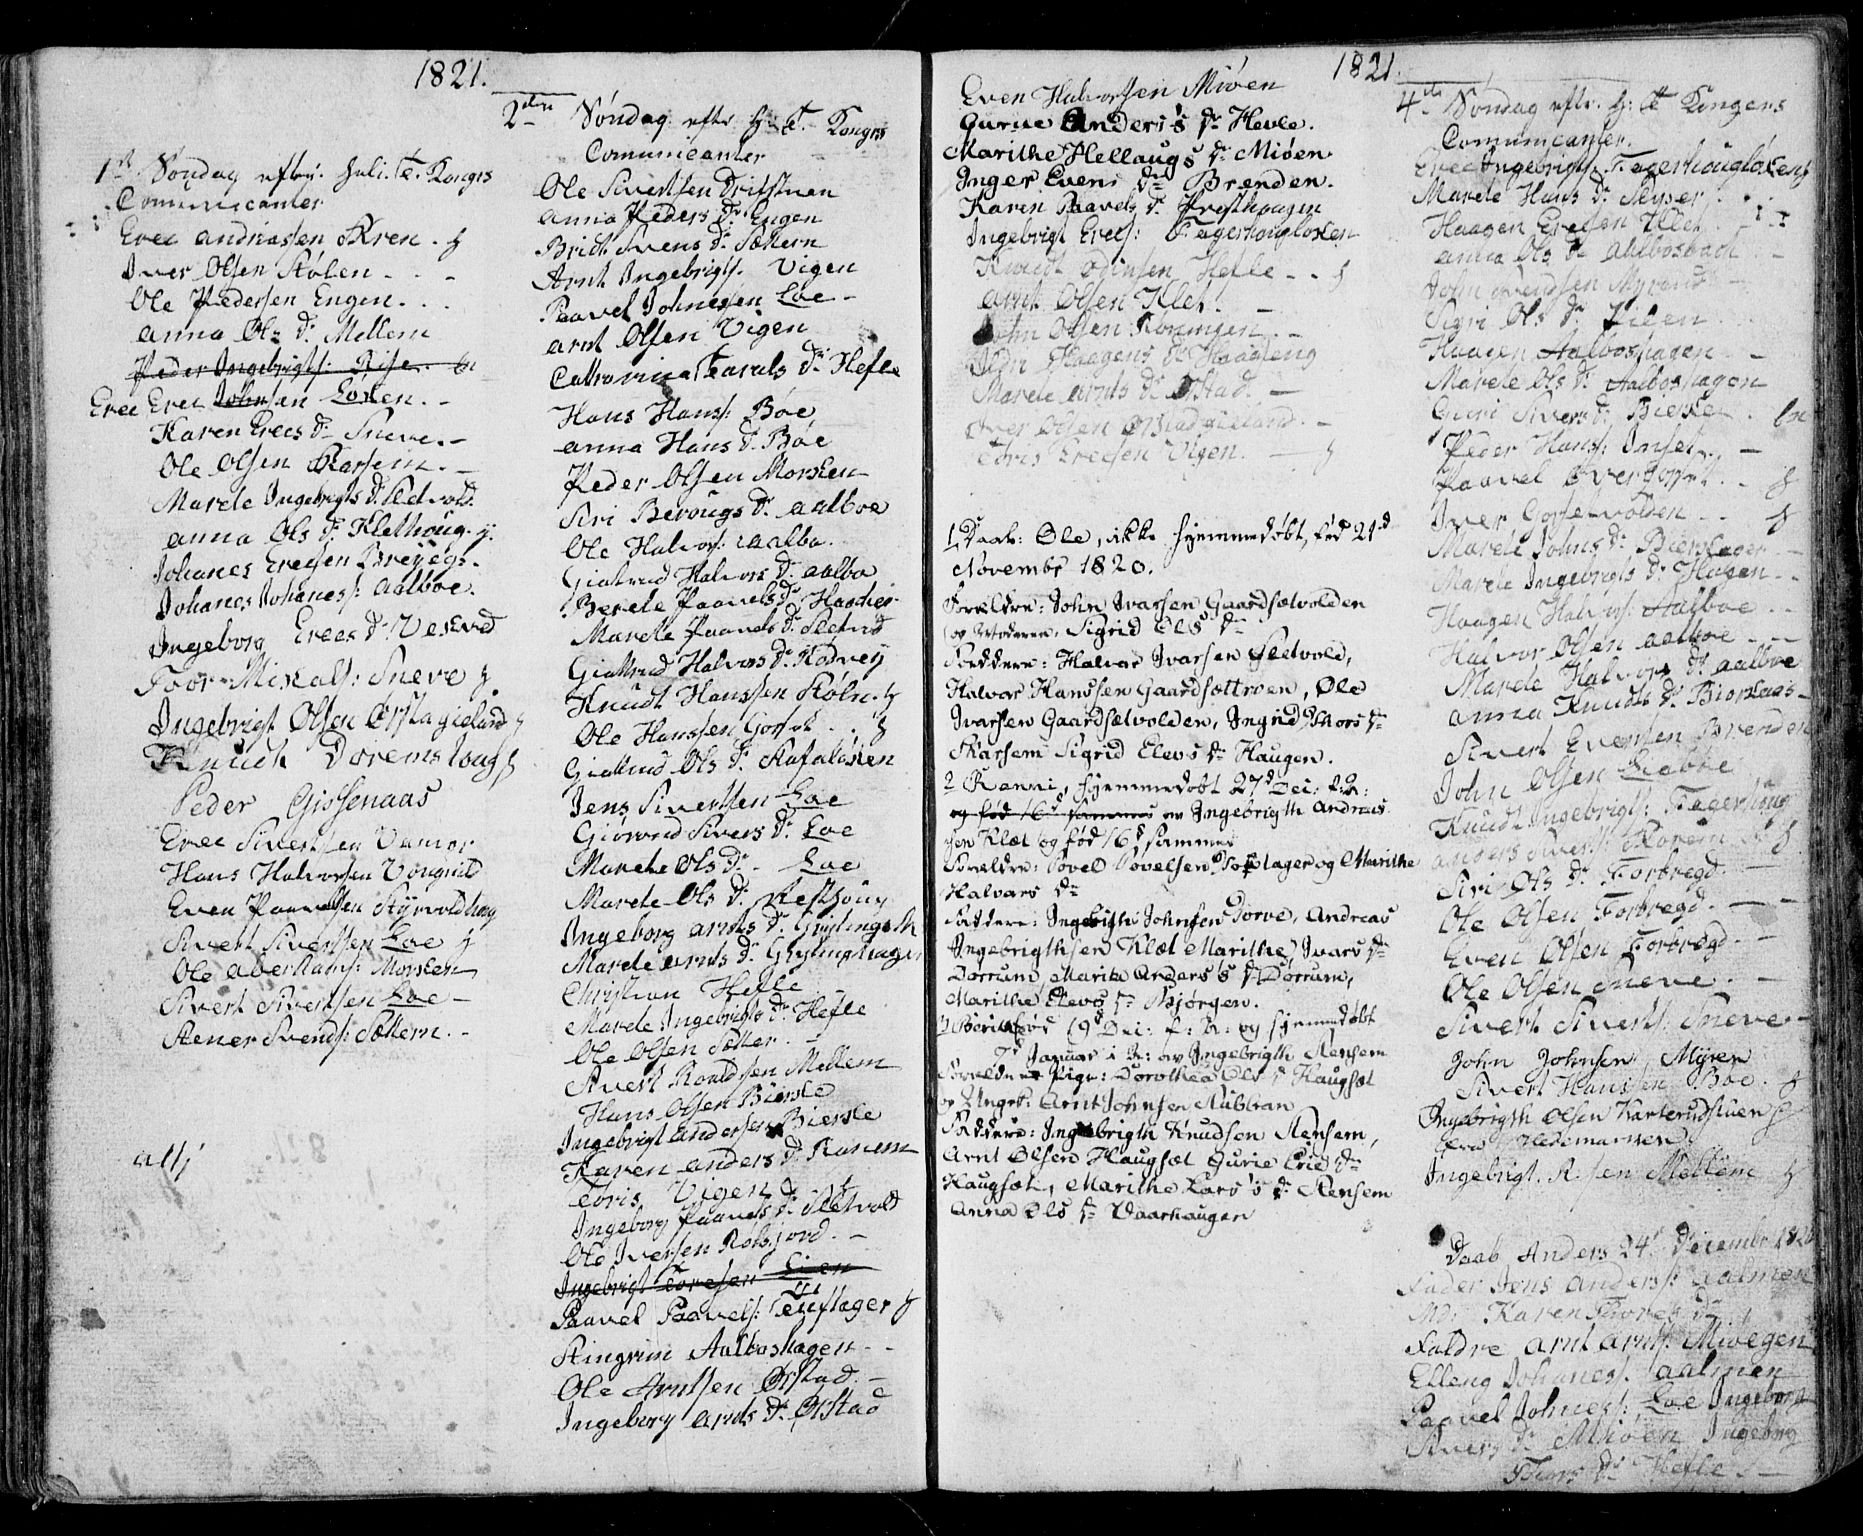 SAT, Ministerialprotokoller, klokkerbøker og fødselsregistre - Sør-Trøndelag, 678/L0912: Klokkerbok nr. 678C01, 1811-1824